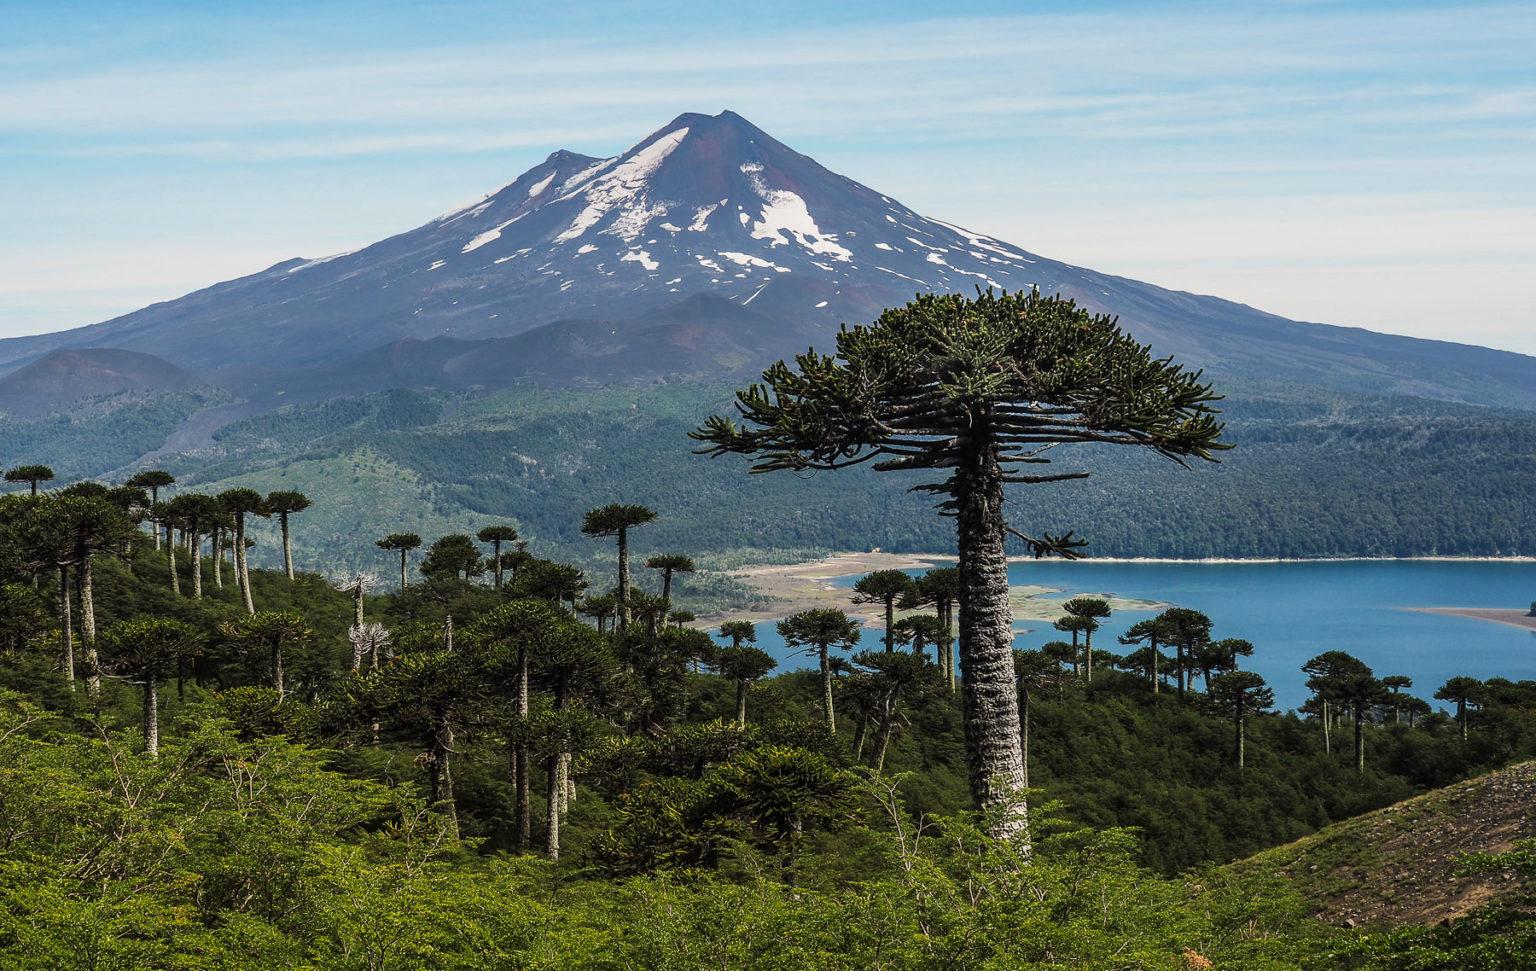 Postkartenmotiv Araucarien vor dem Vulkan Llaima